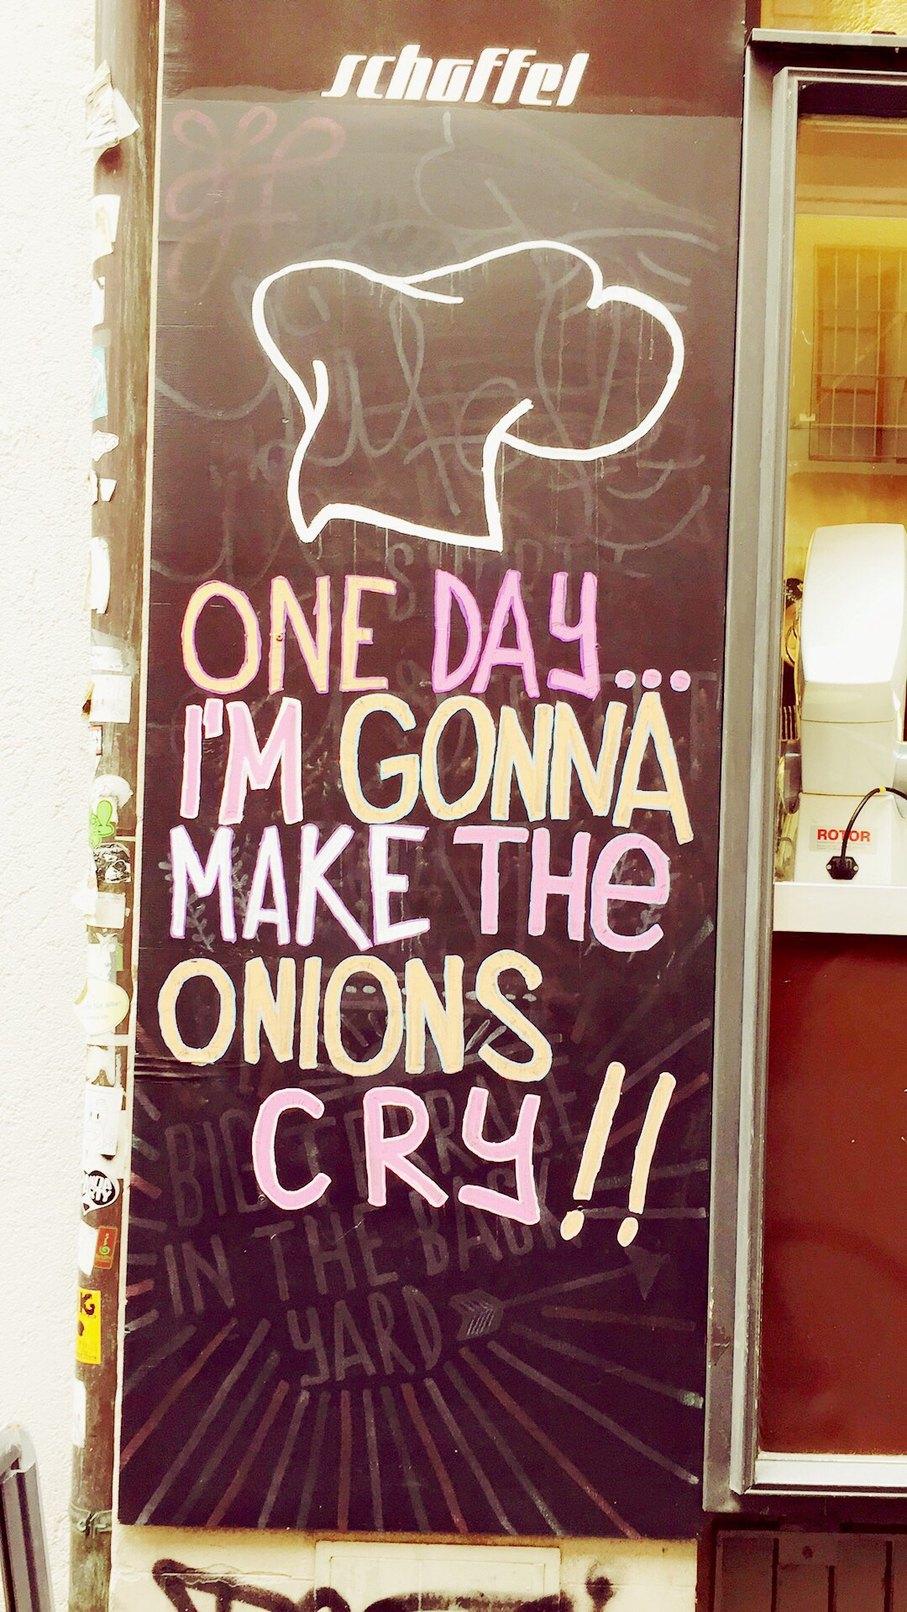 Saw this around a soup kitchen in Zurich - meme